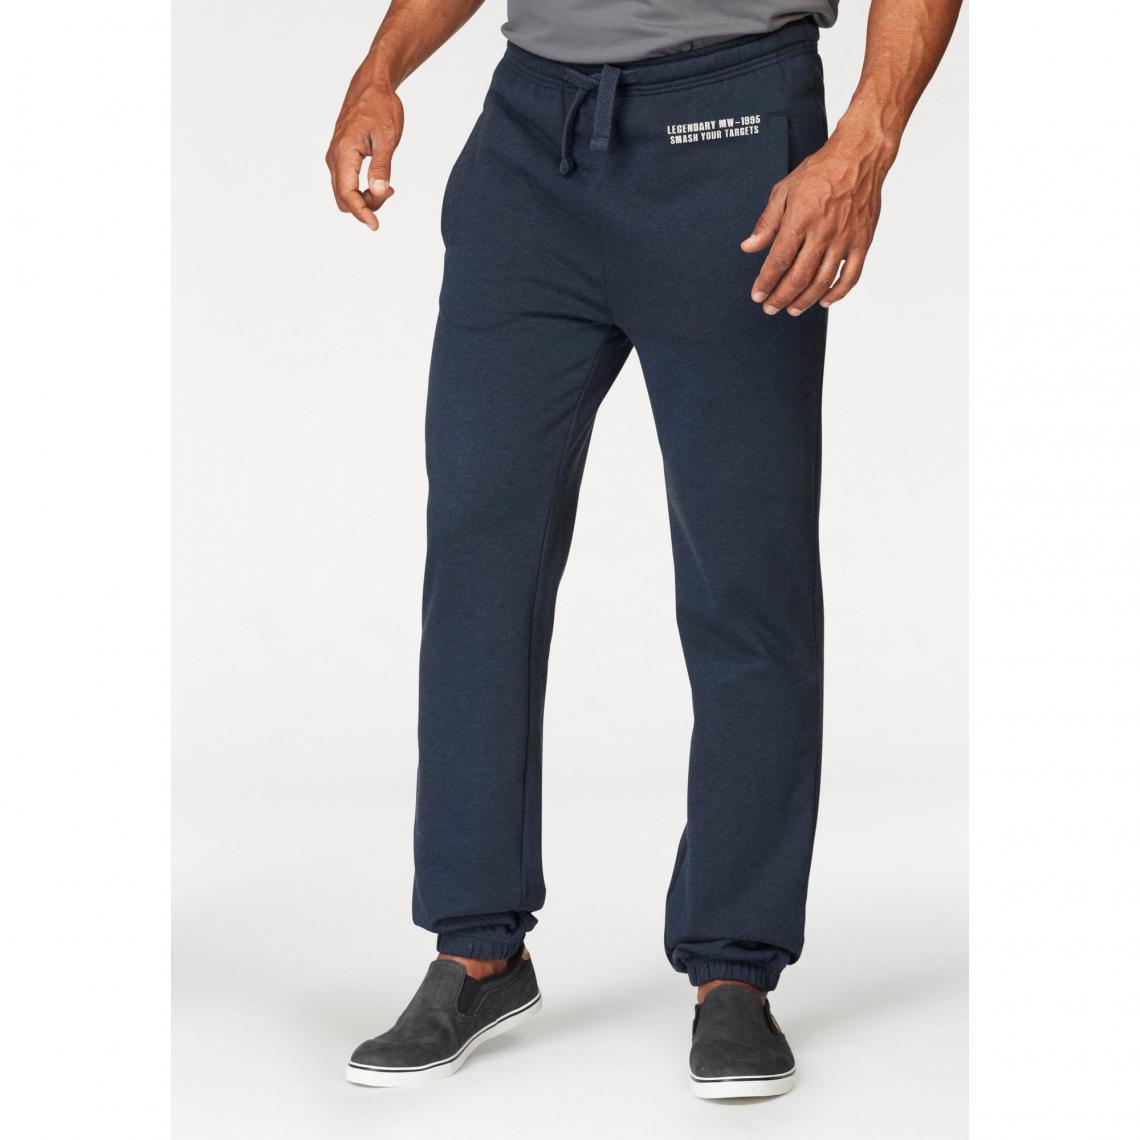 4111309f727 Pantalon de jogging taille élastiquée homme Man s World - Marine Man s  World Homme